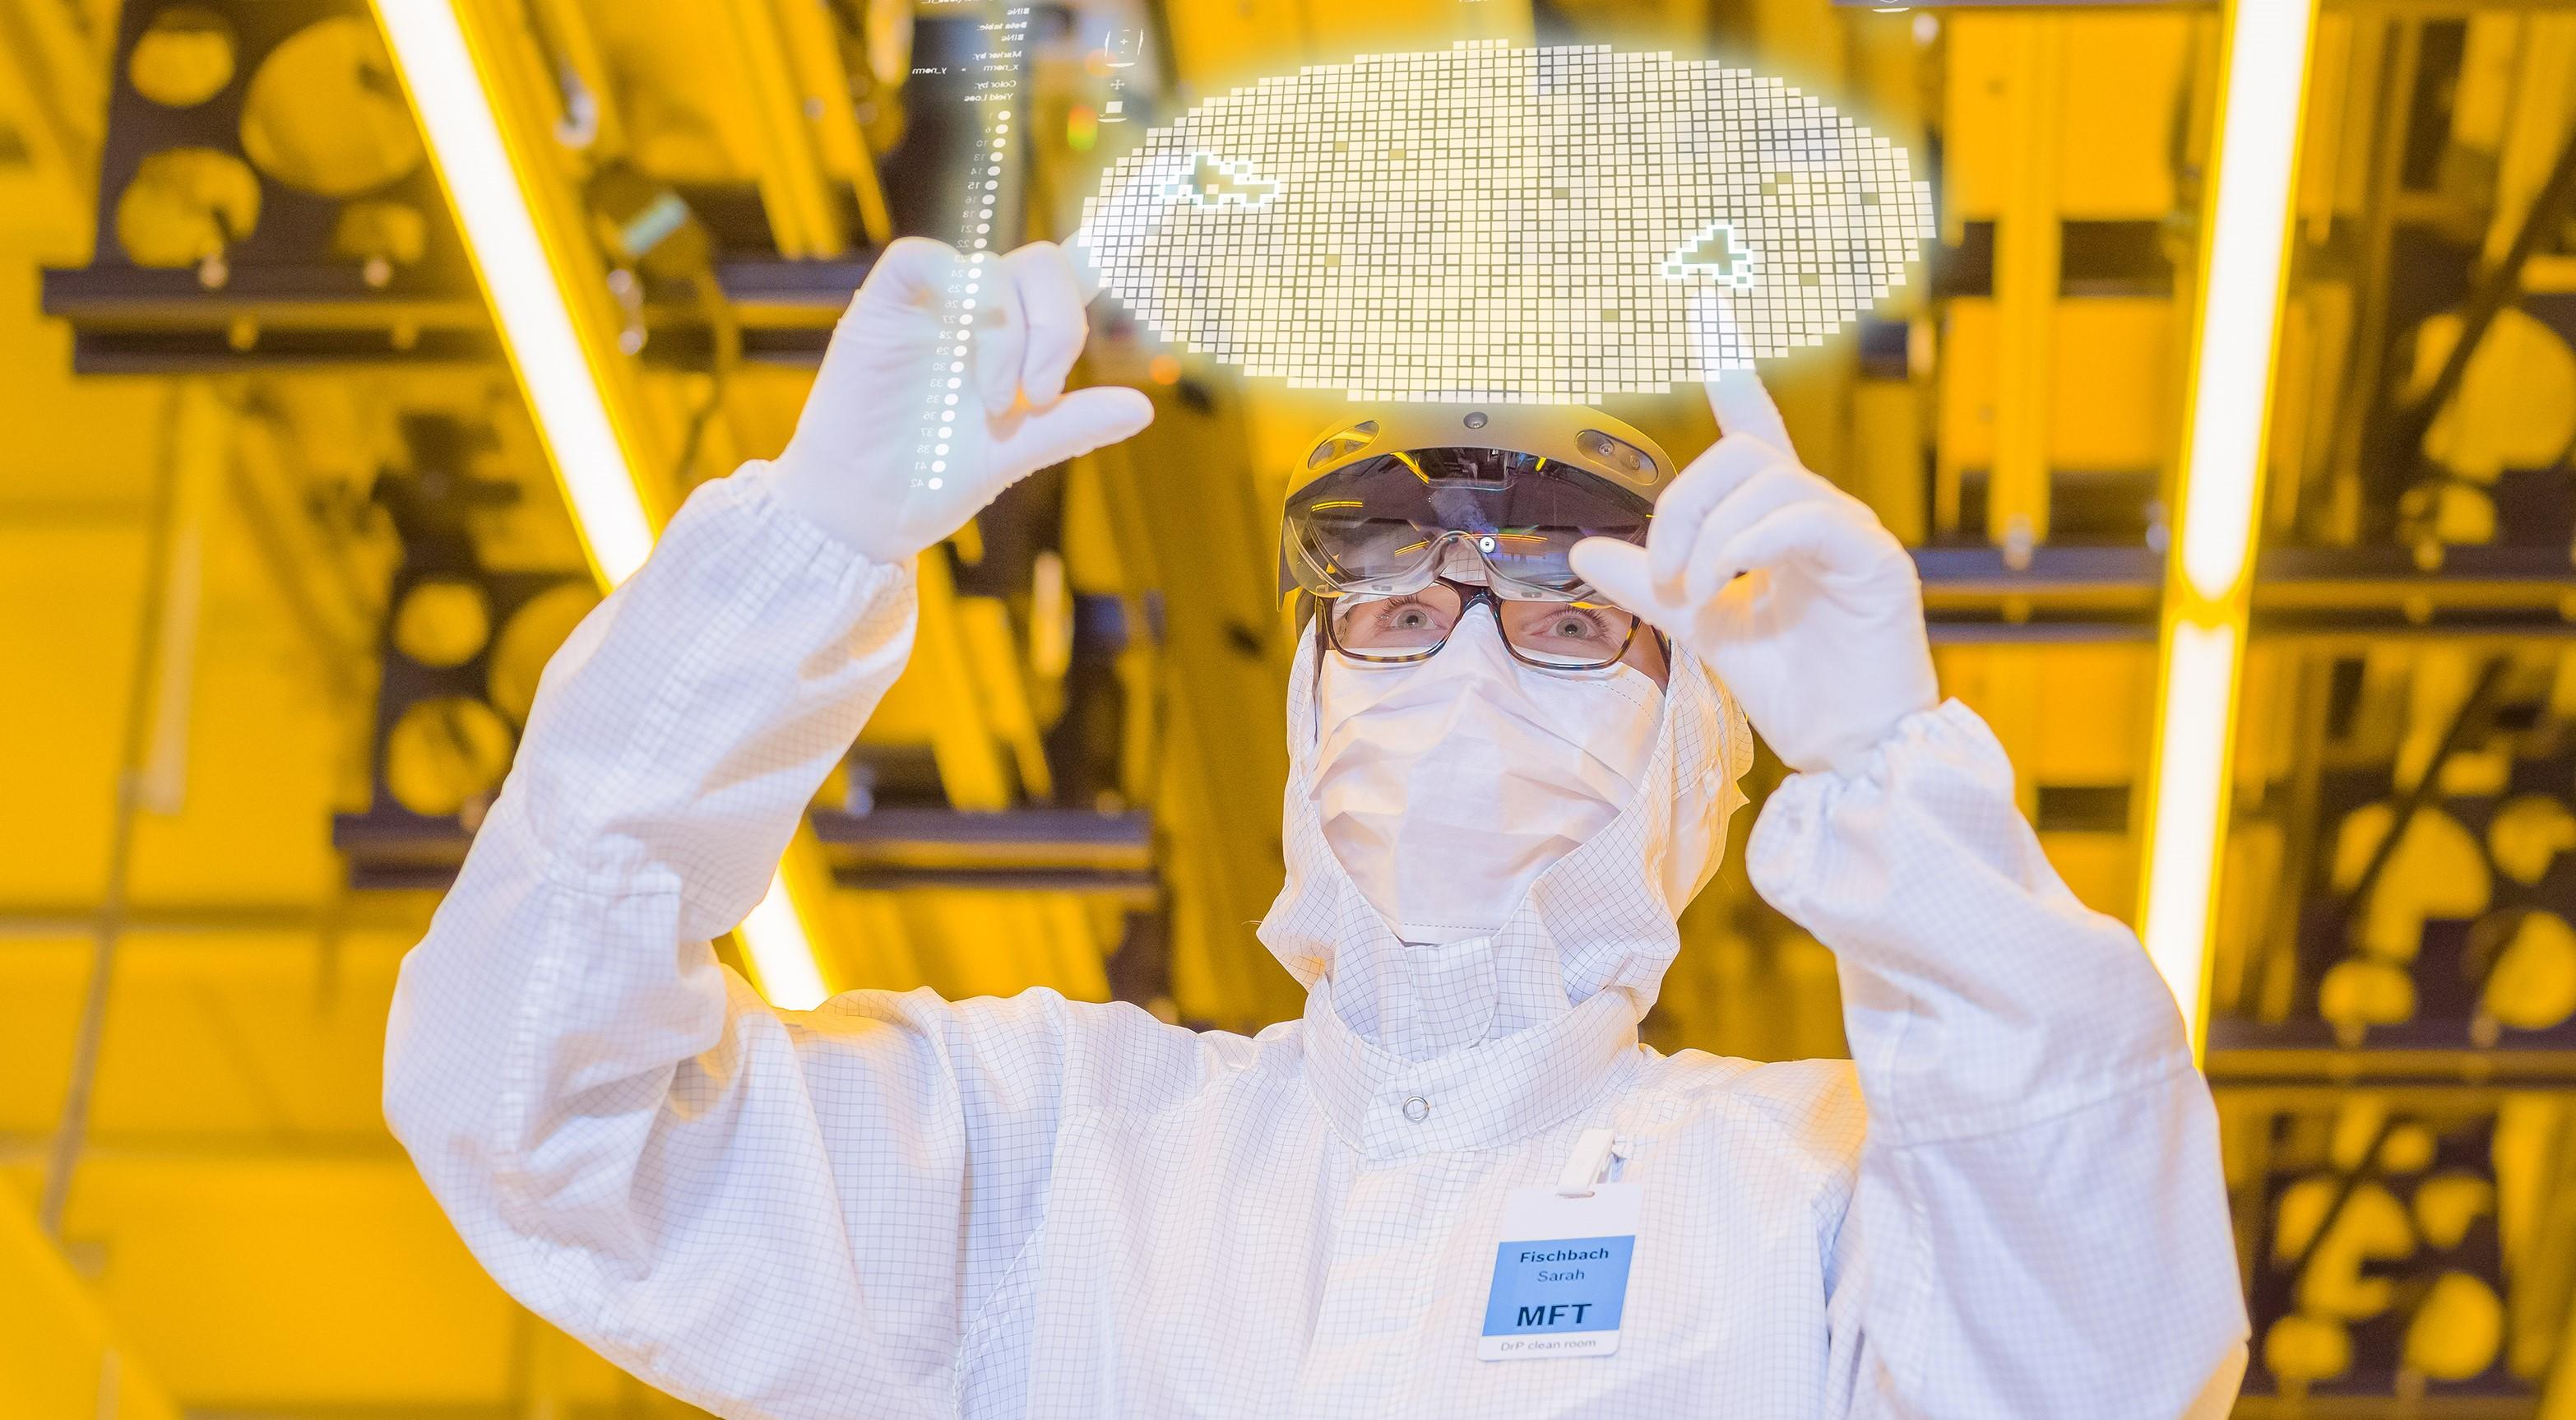 Com cerca de um bilhão de euros, a nova fábrica é o maior investimento individual nos mais de 130 anos de história da Bosch.